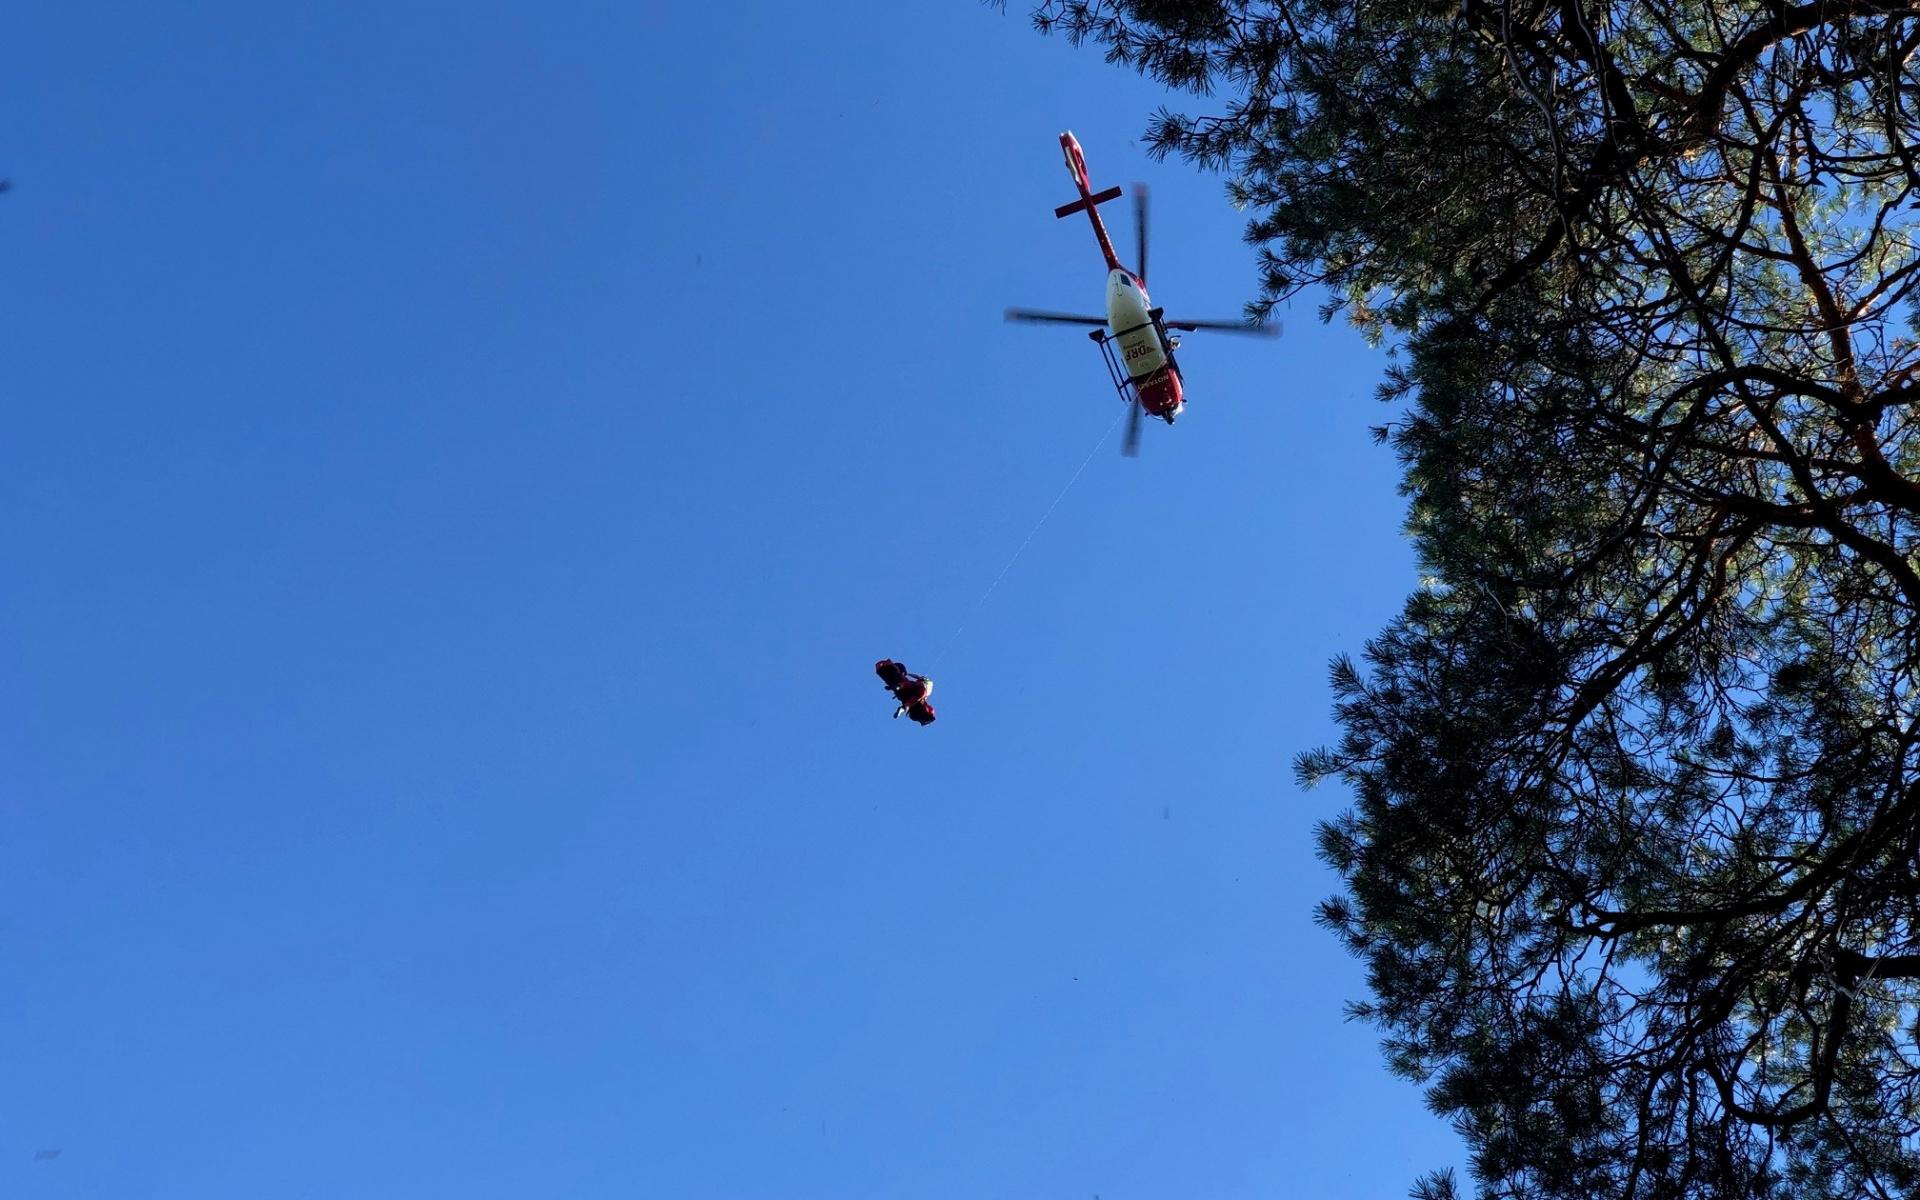 Schnelle Hilfe aus der Luft, immer und überall, auch in unzugänglichem Gelände